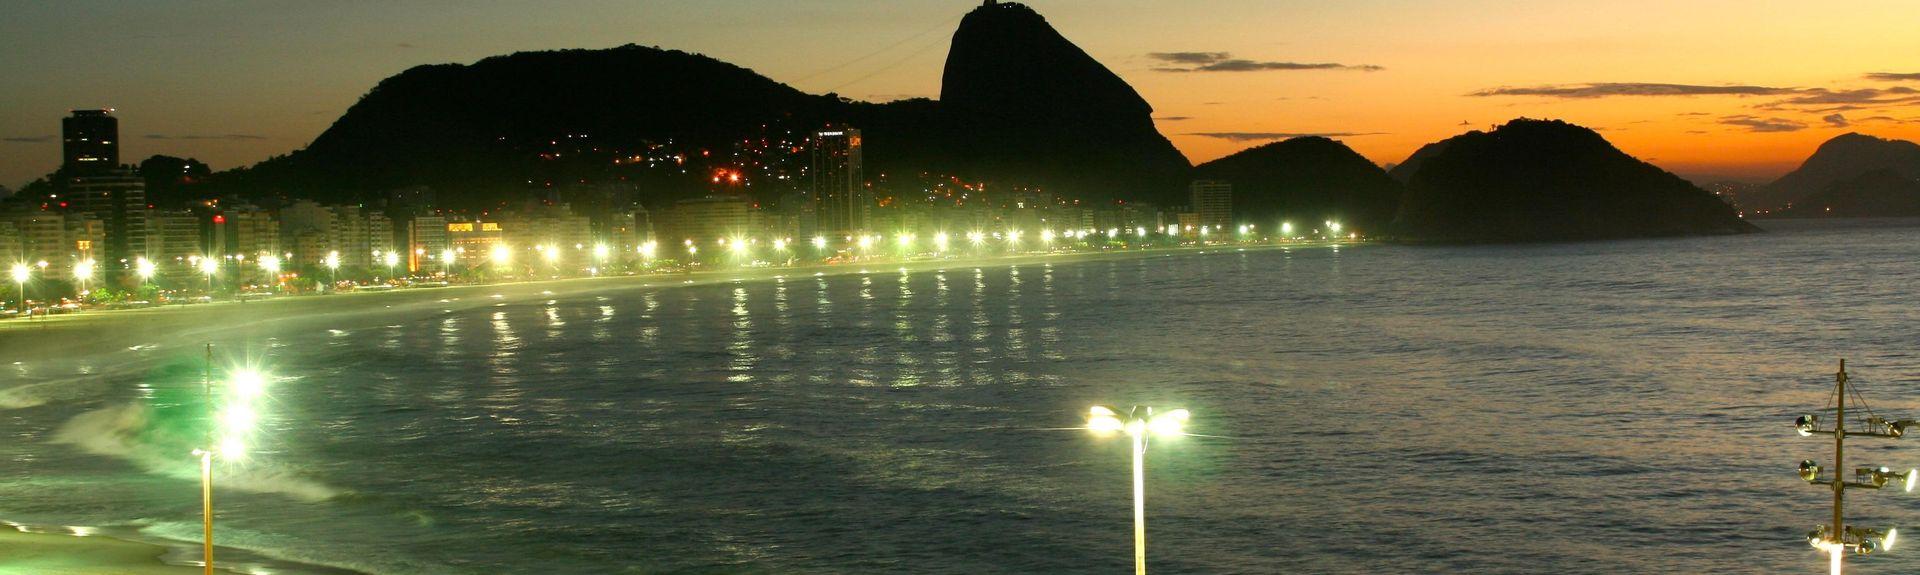 Niterói, Rio de Janeiro (État), BR